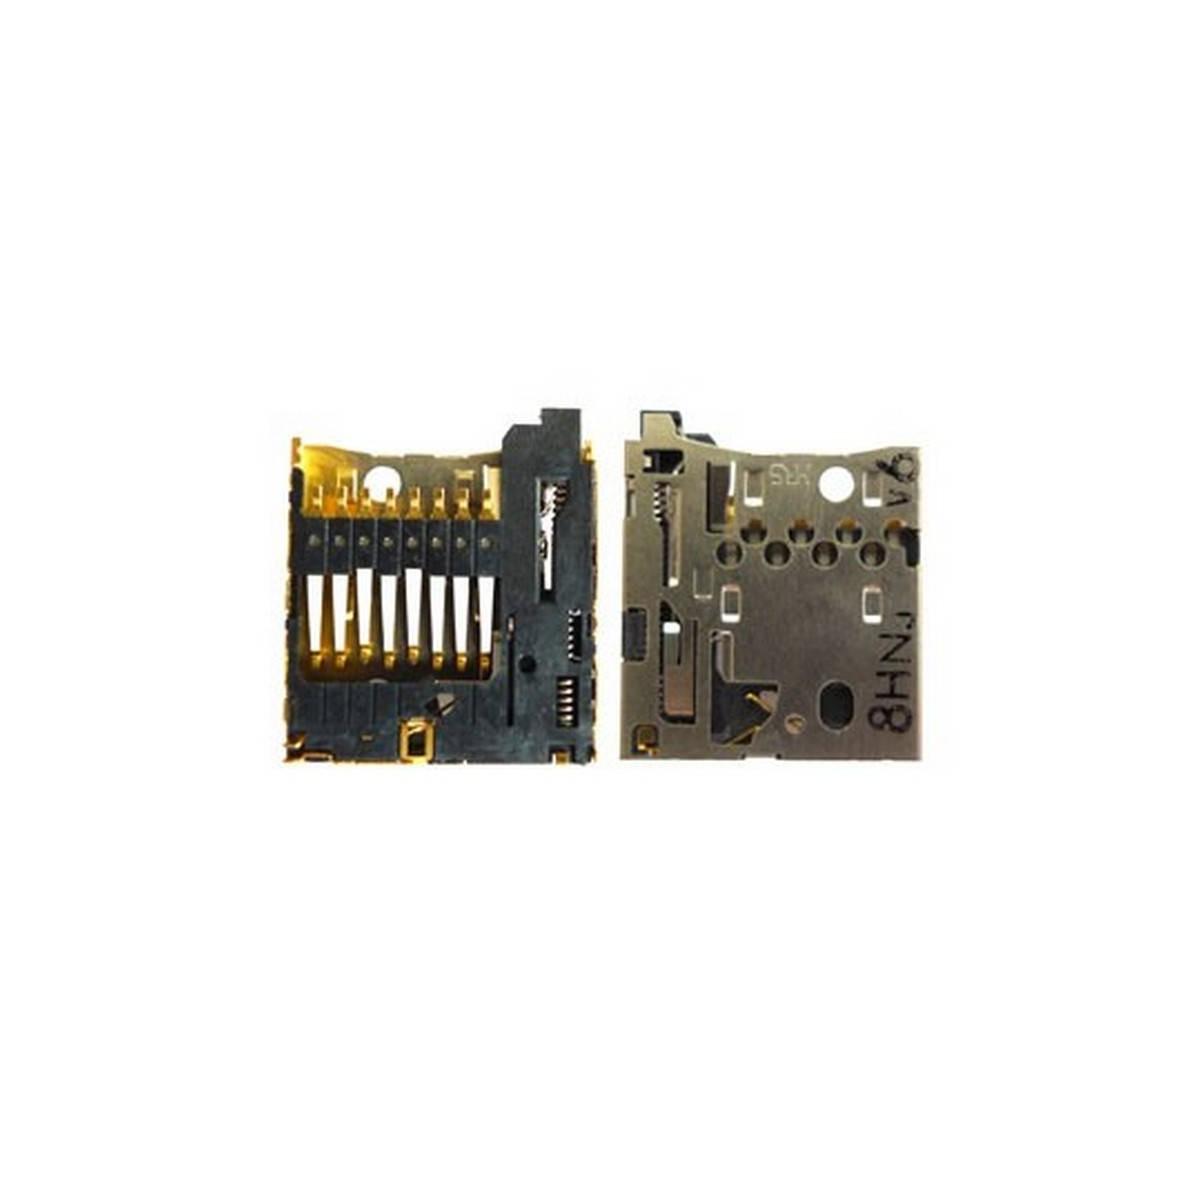 Conector de Micro SD para Nokia N95, N96/N97/5320 E61I, 6120C 6110N